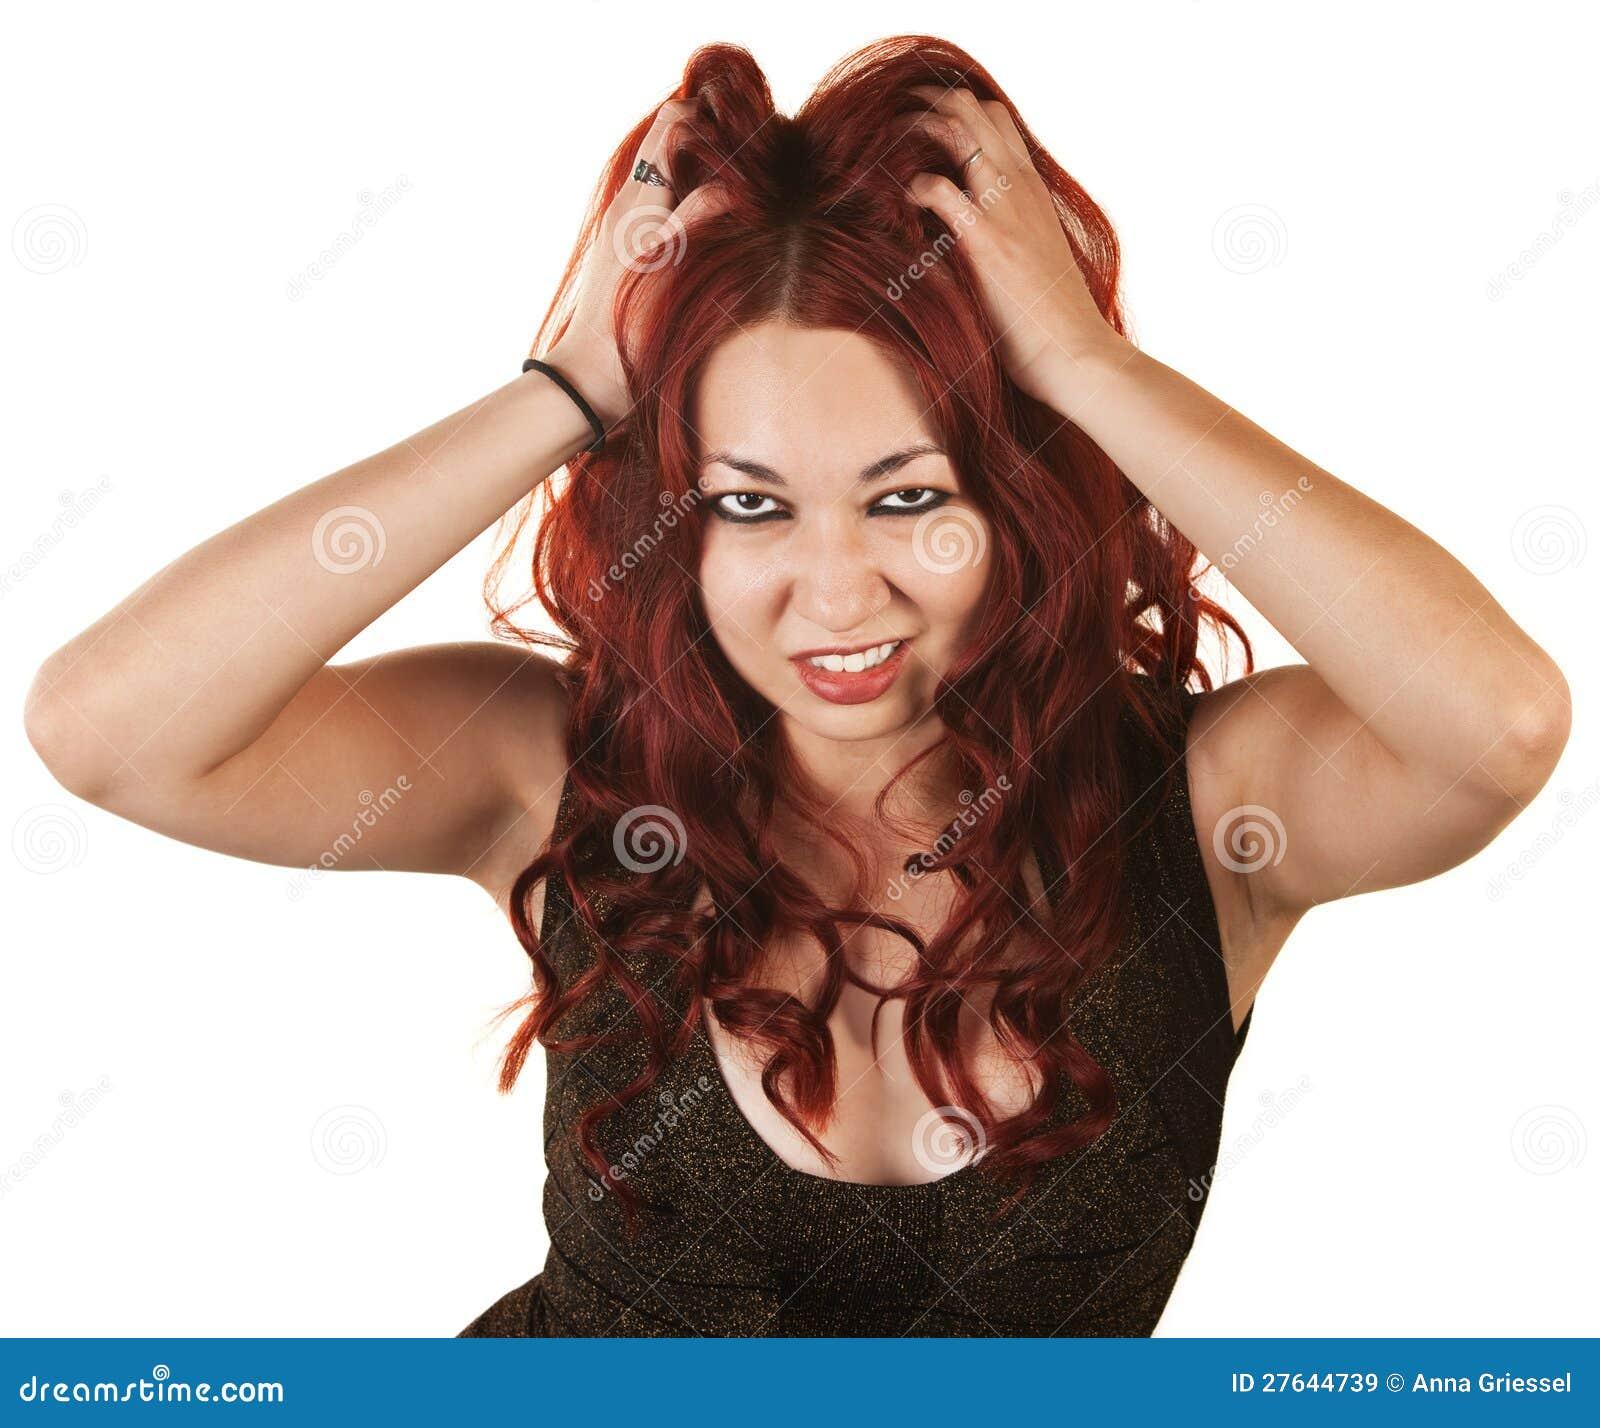 Схватила ее за волосы 2 фотография